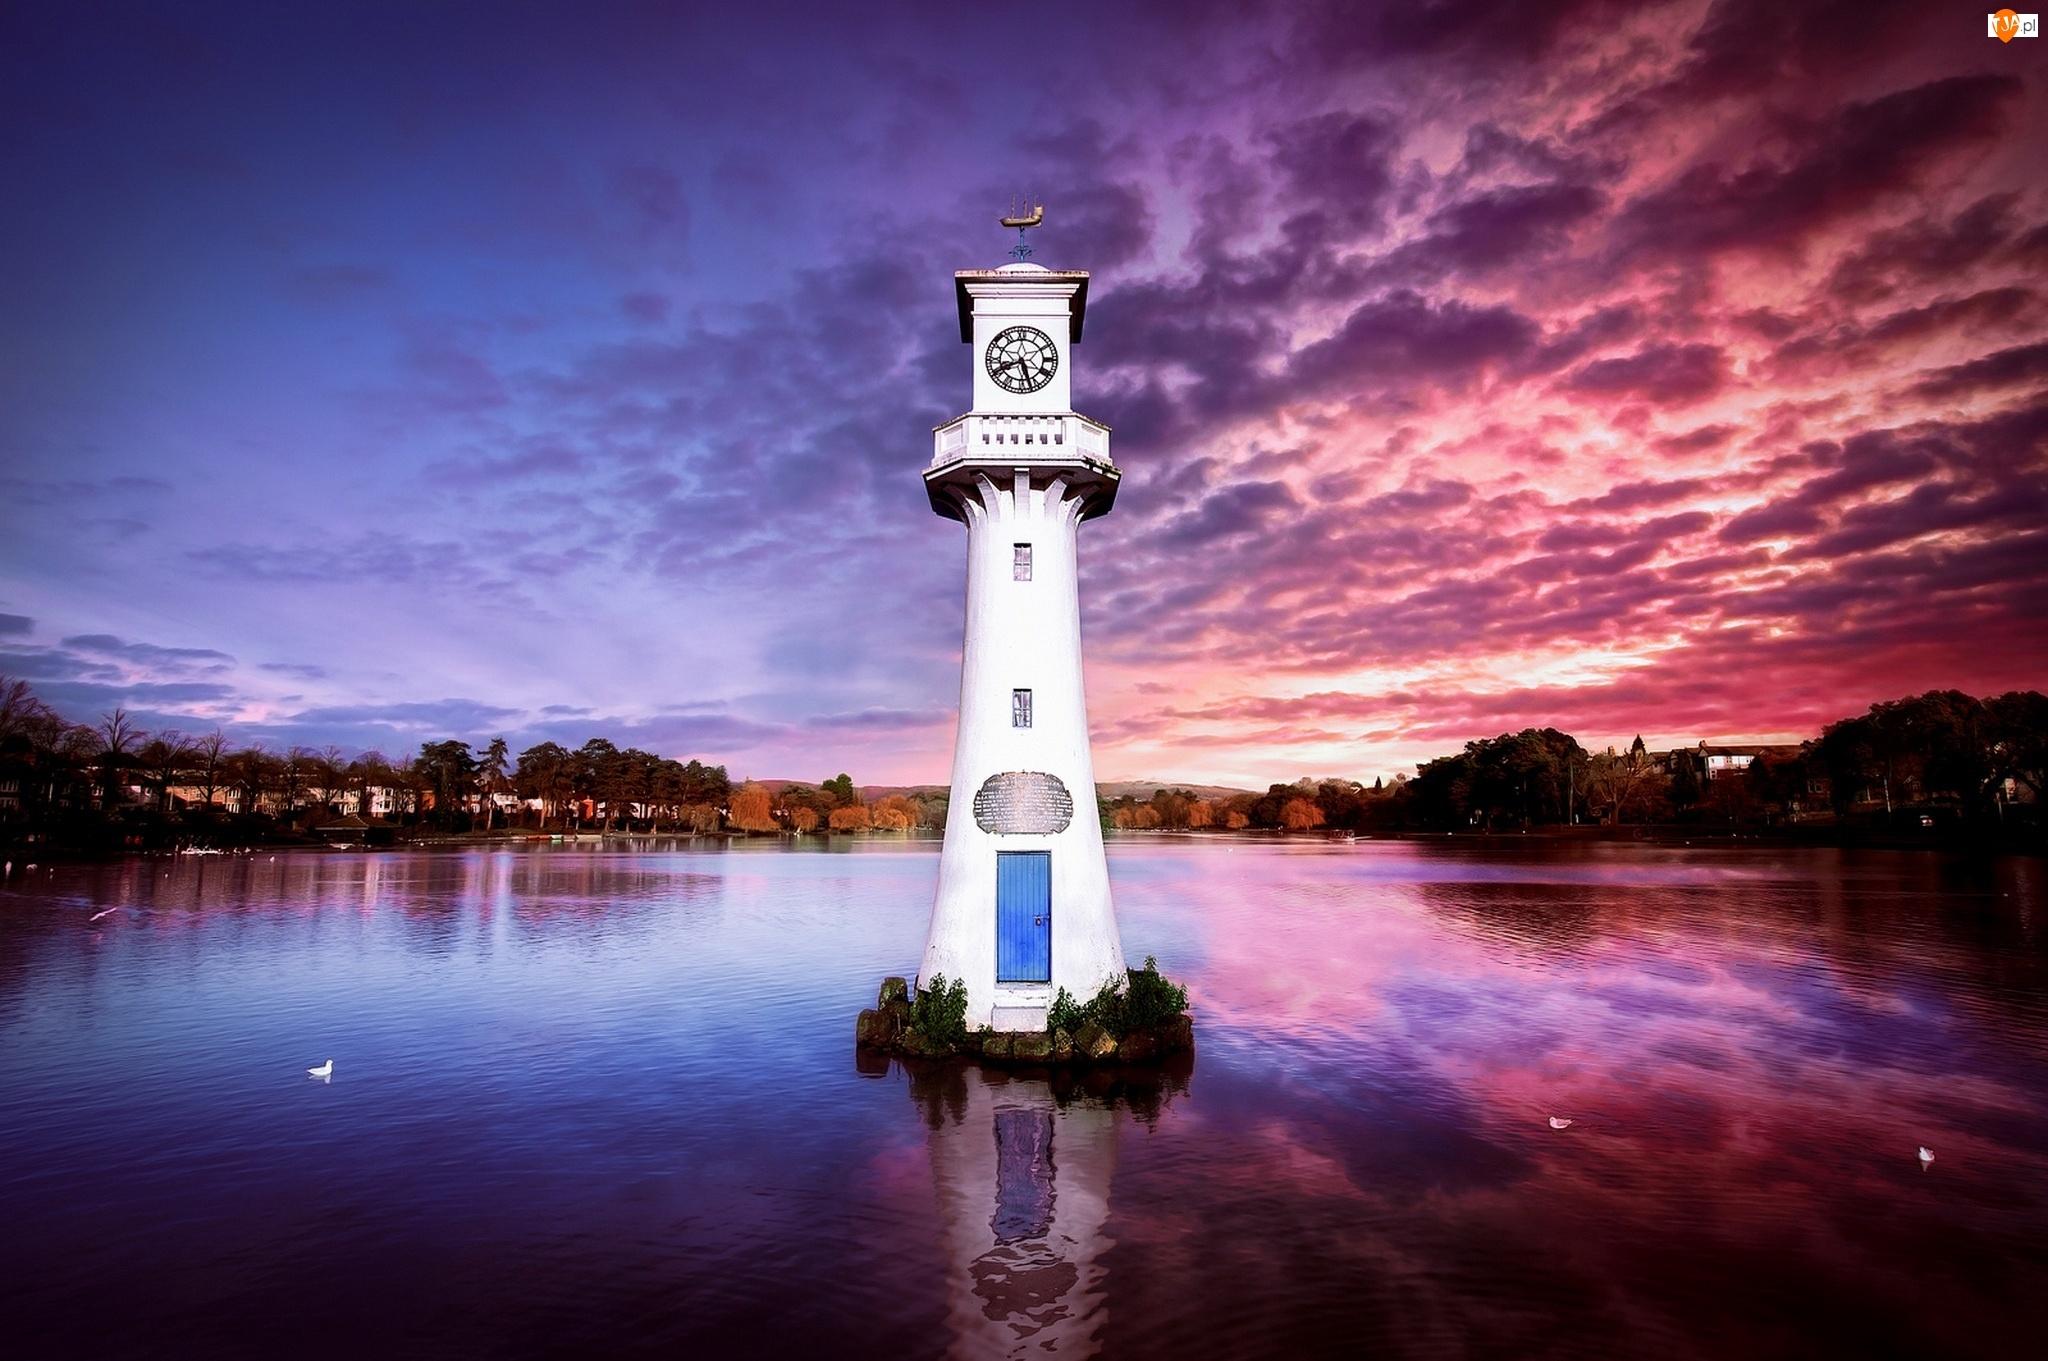 Woda, Wieża, Walia, Drzewa, Cardiff, Zegar